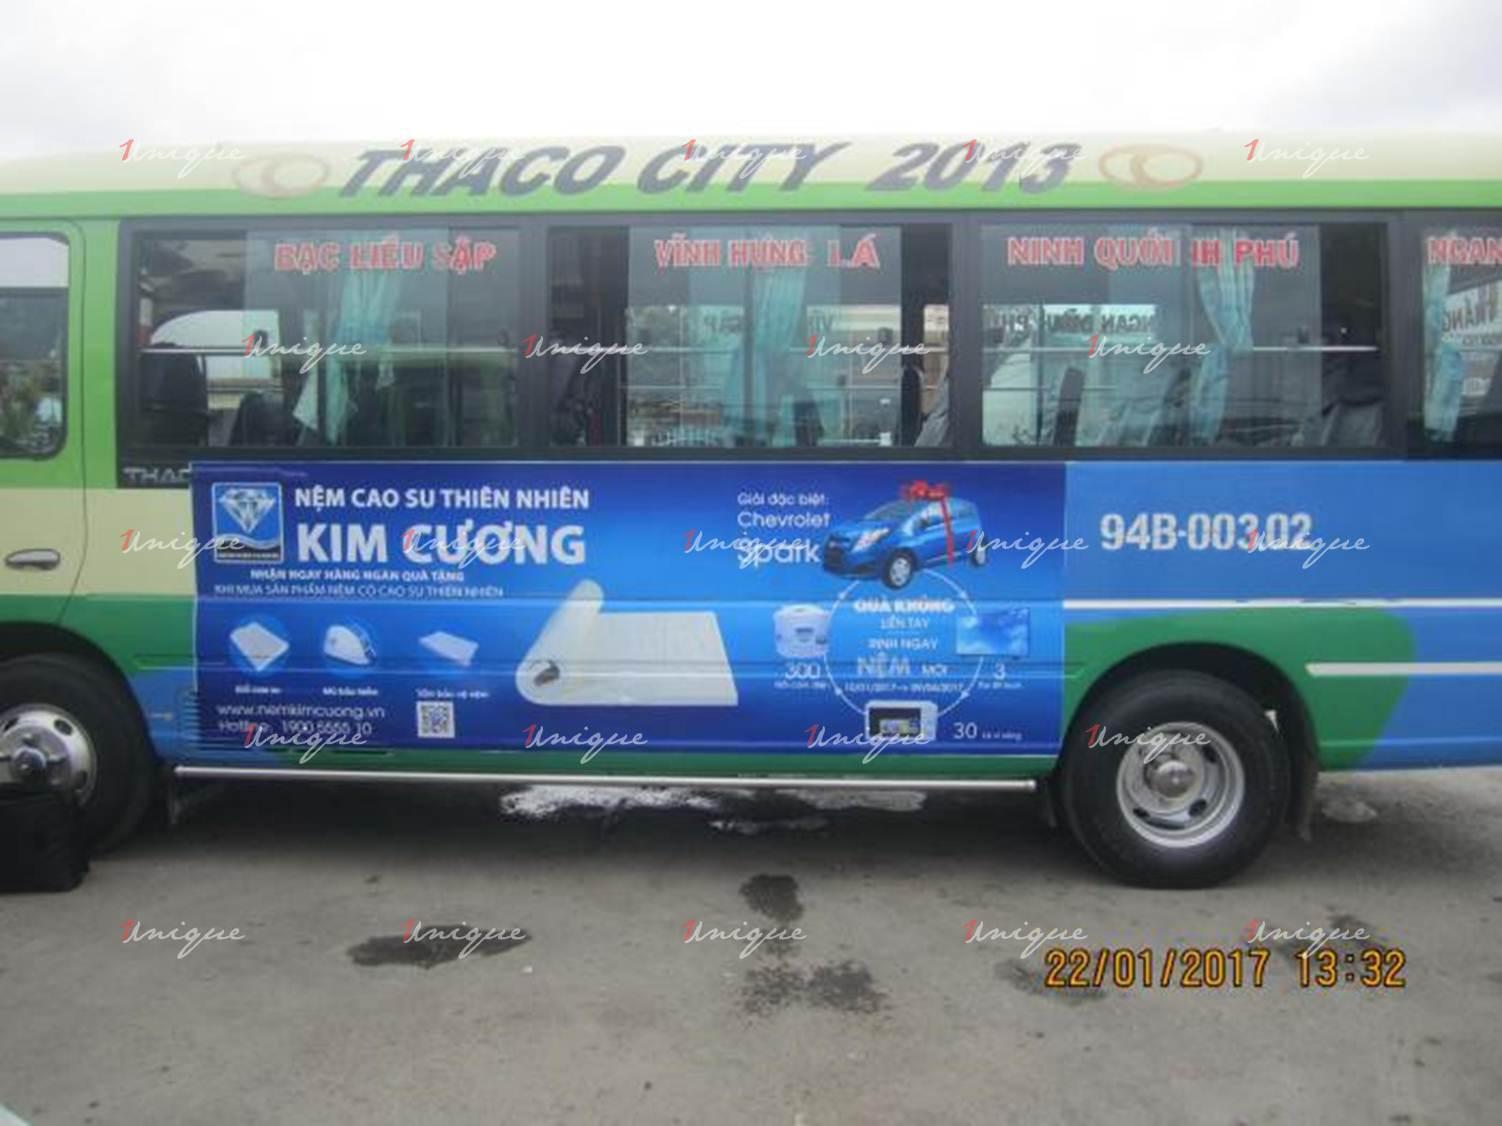 Quảng cáo xe bus tại Bạc Liêu